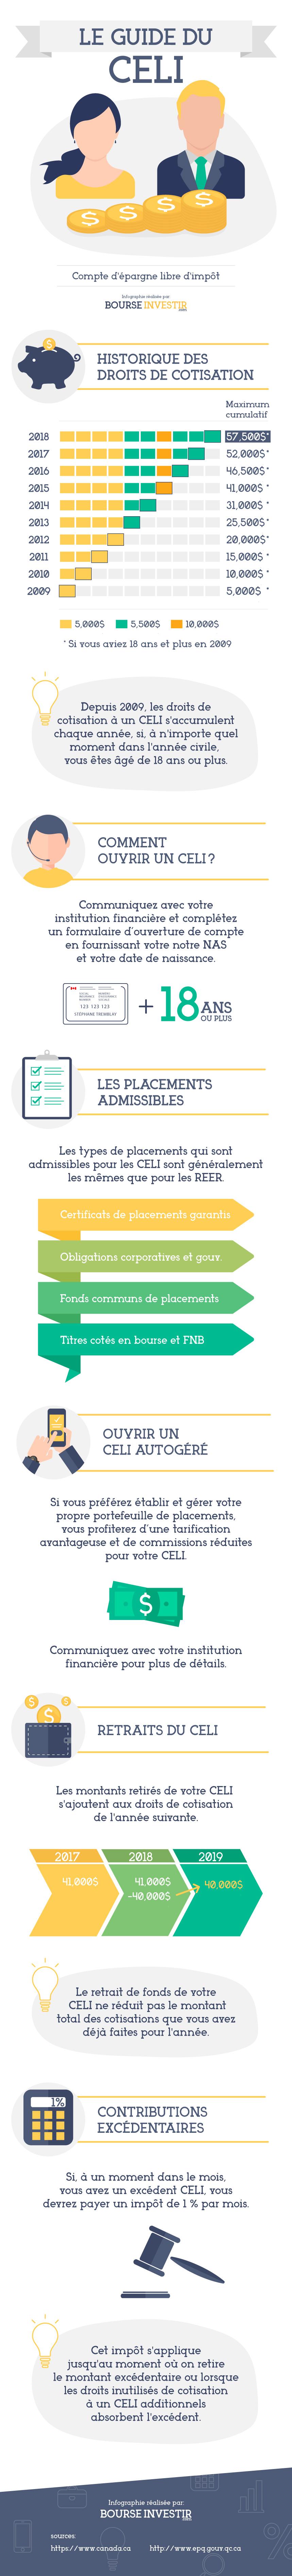 celi-guide-infographie-droits-cotisation